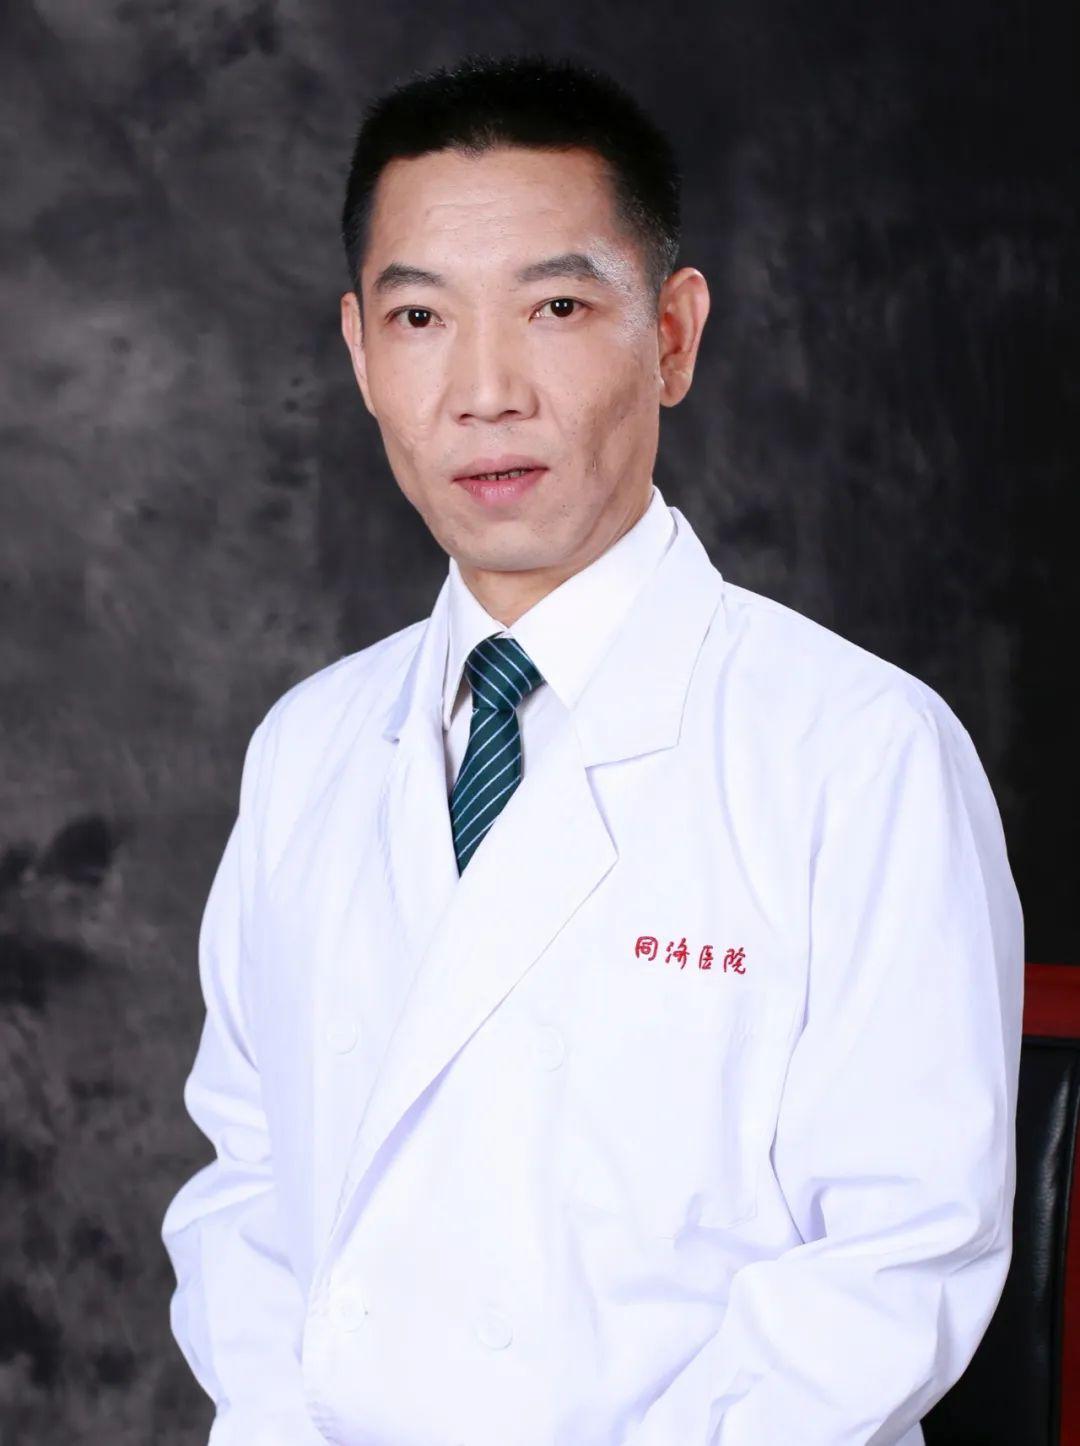 上海市同济医院杨云峰:跟痛症——脚踏实地到底有多难?